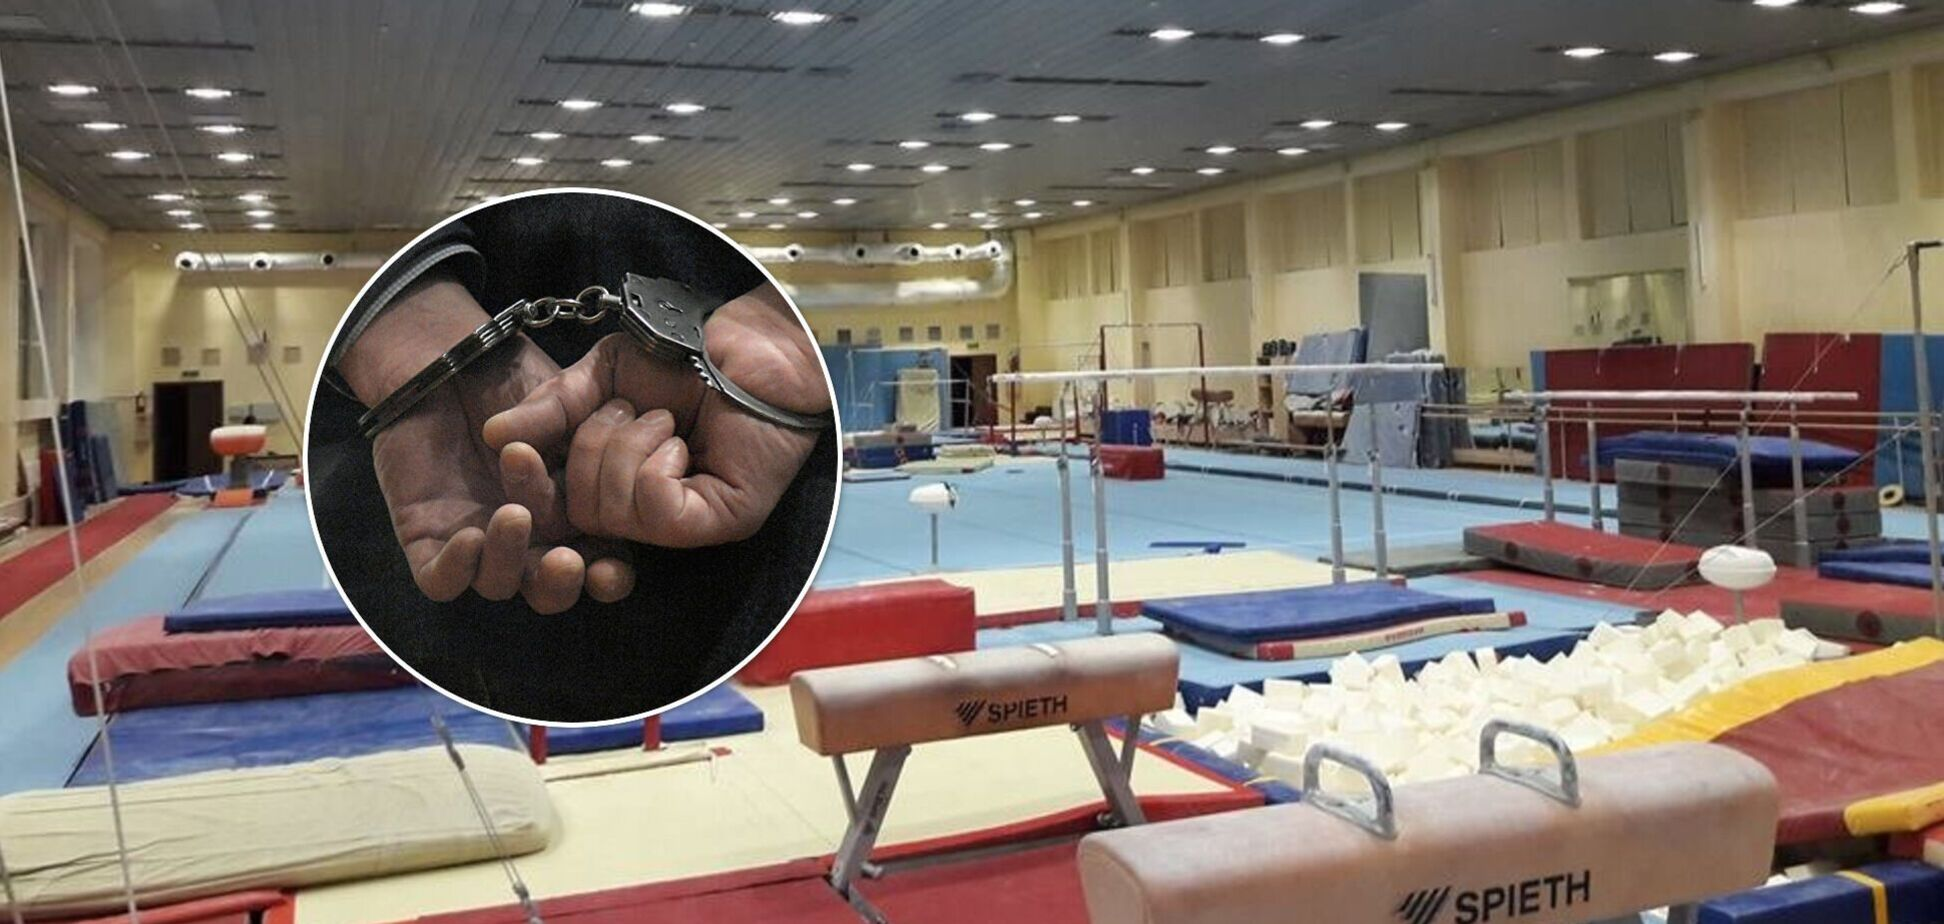 Главный тренер сборной Украины по спортивной гимнастике подозревается в растрате четверти миллиона гривен